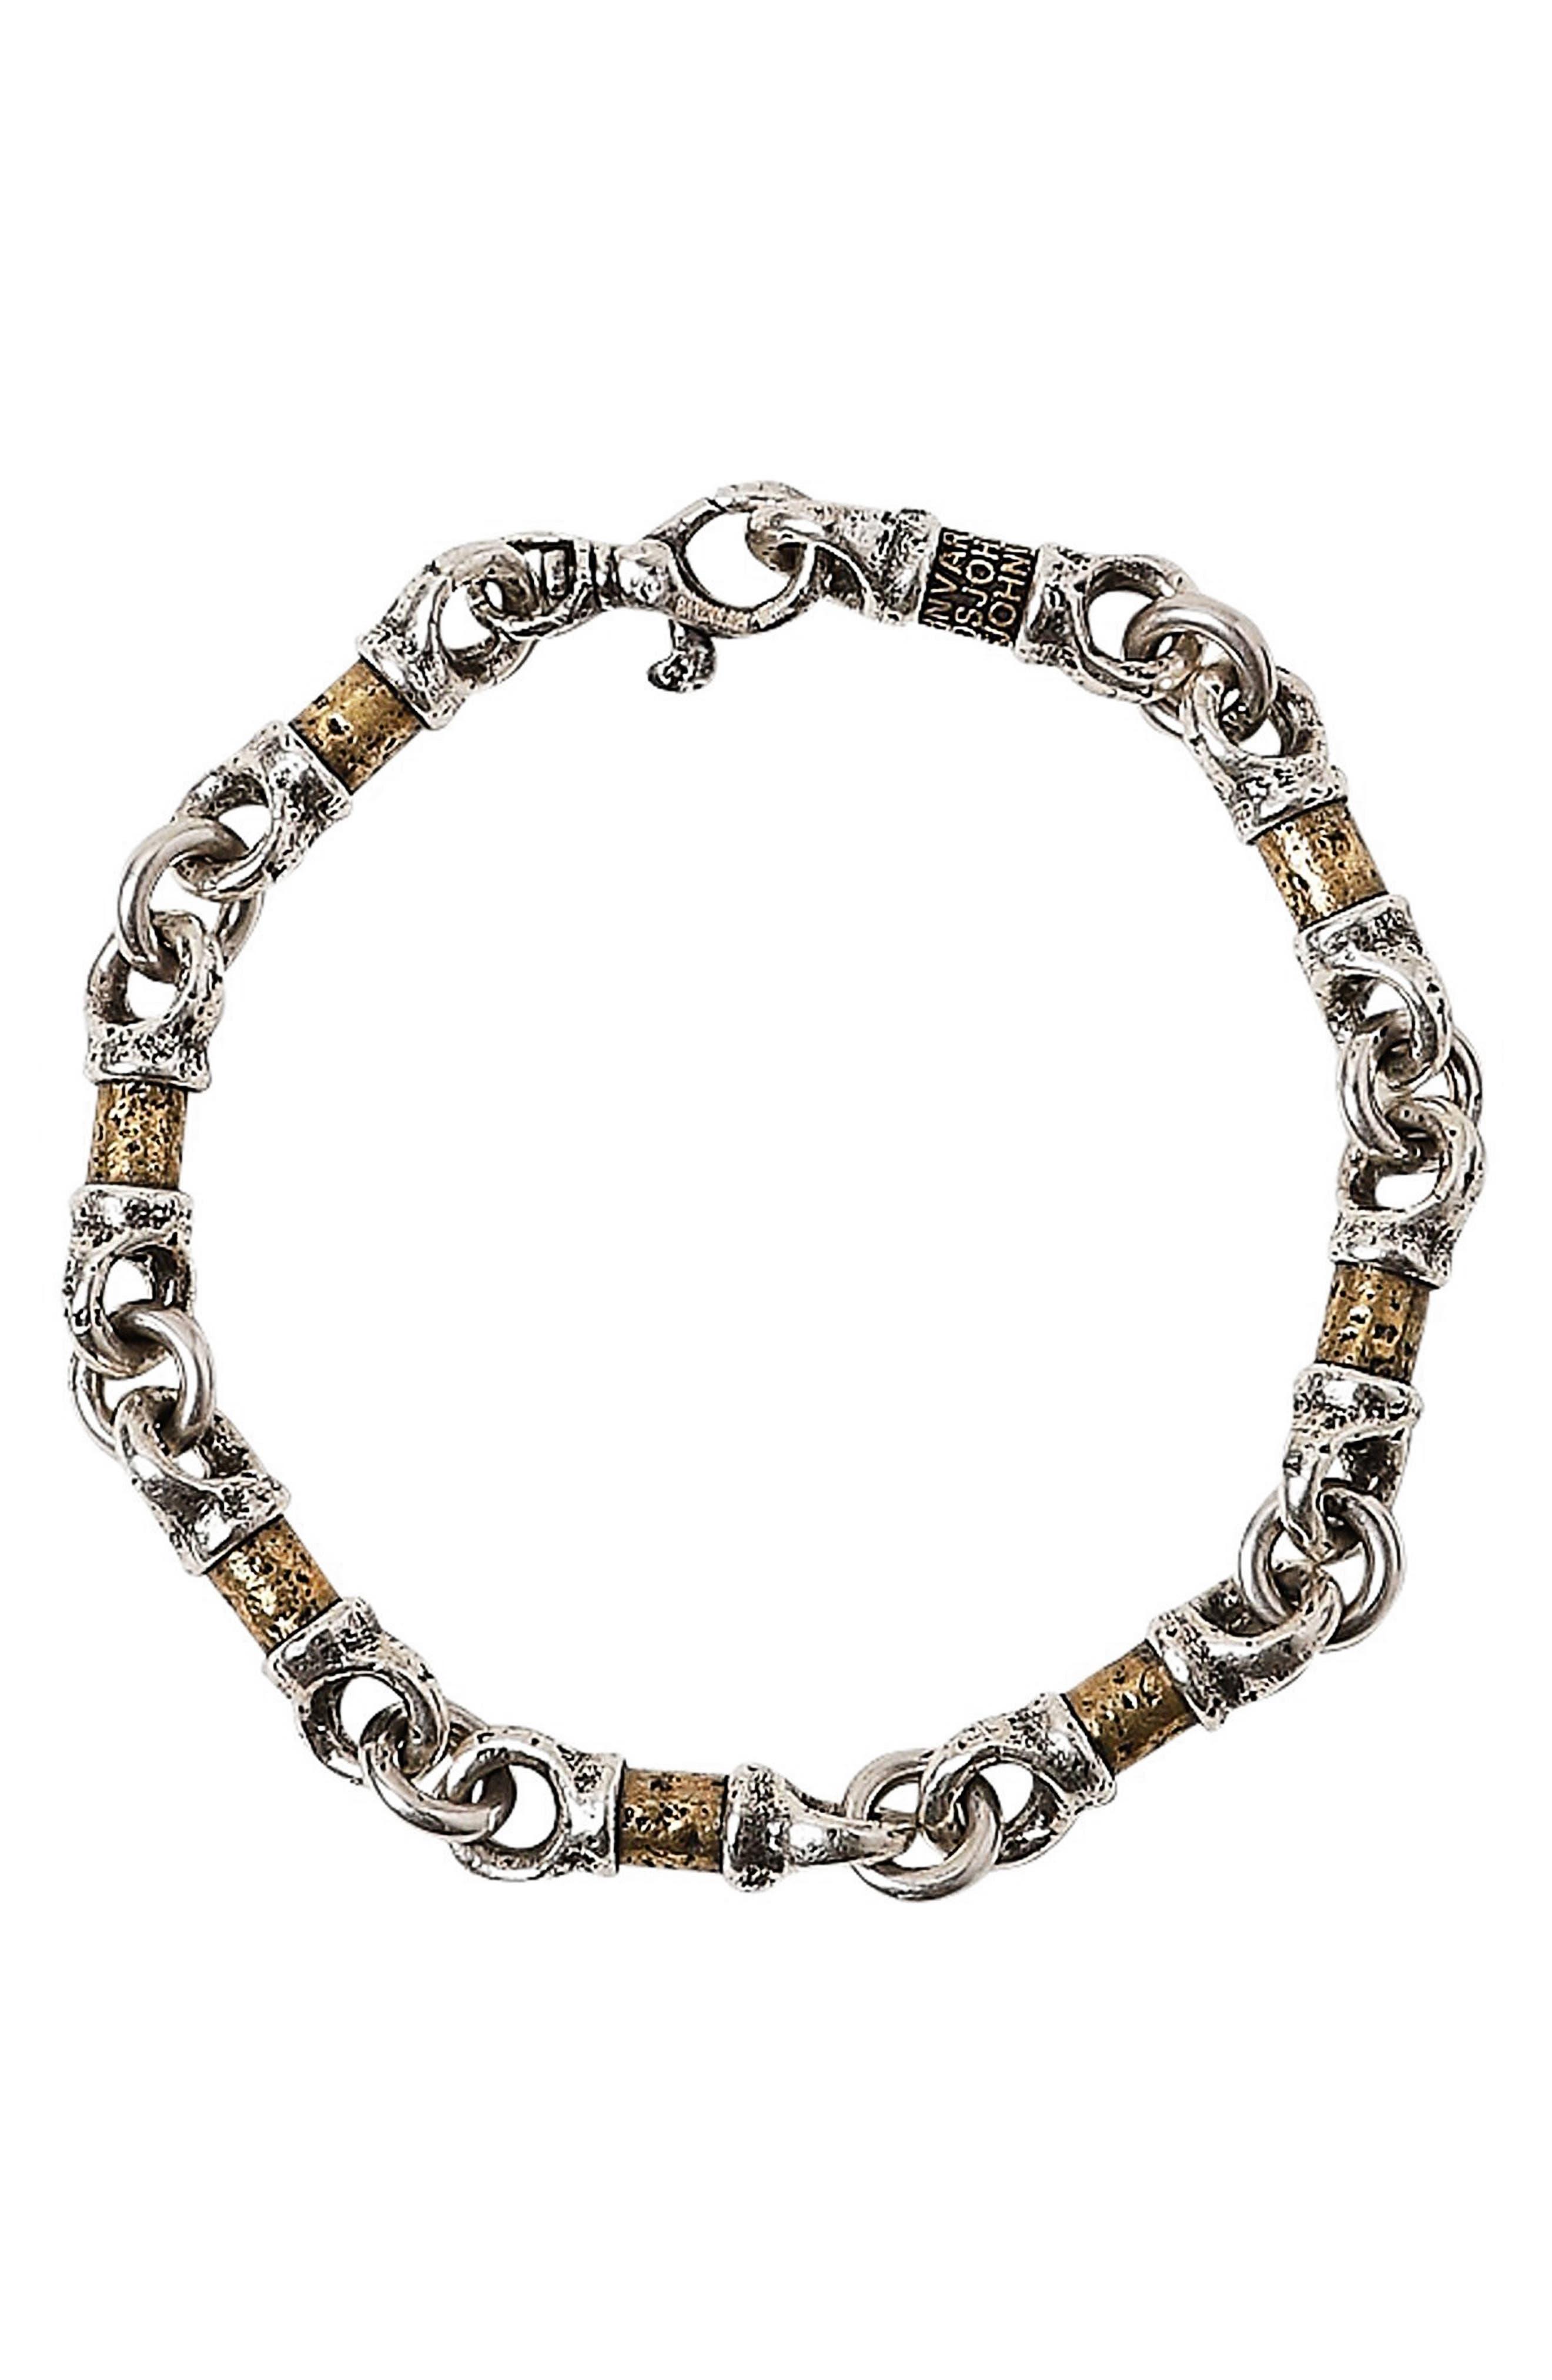 Women's John Varvatos Mixed Link Bracelet